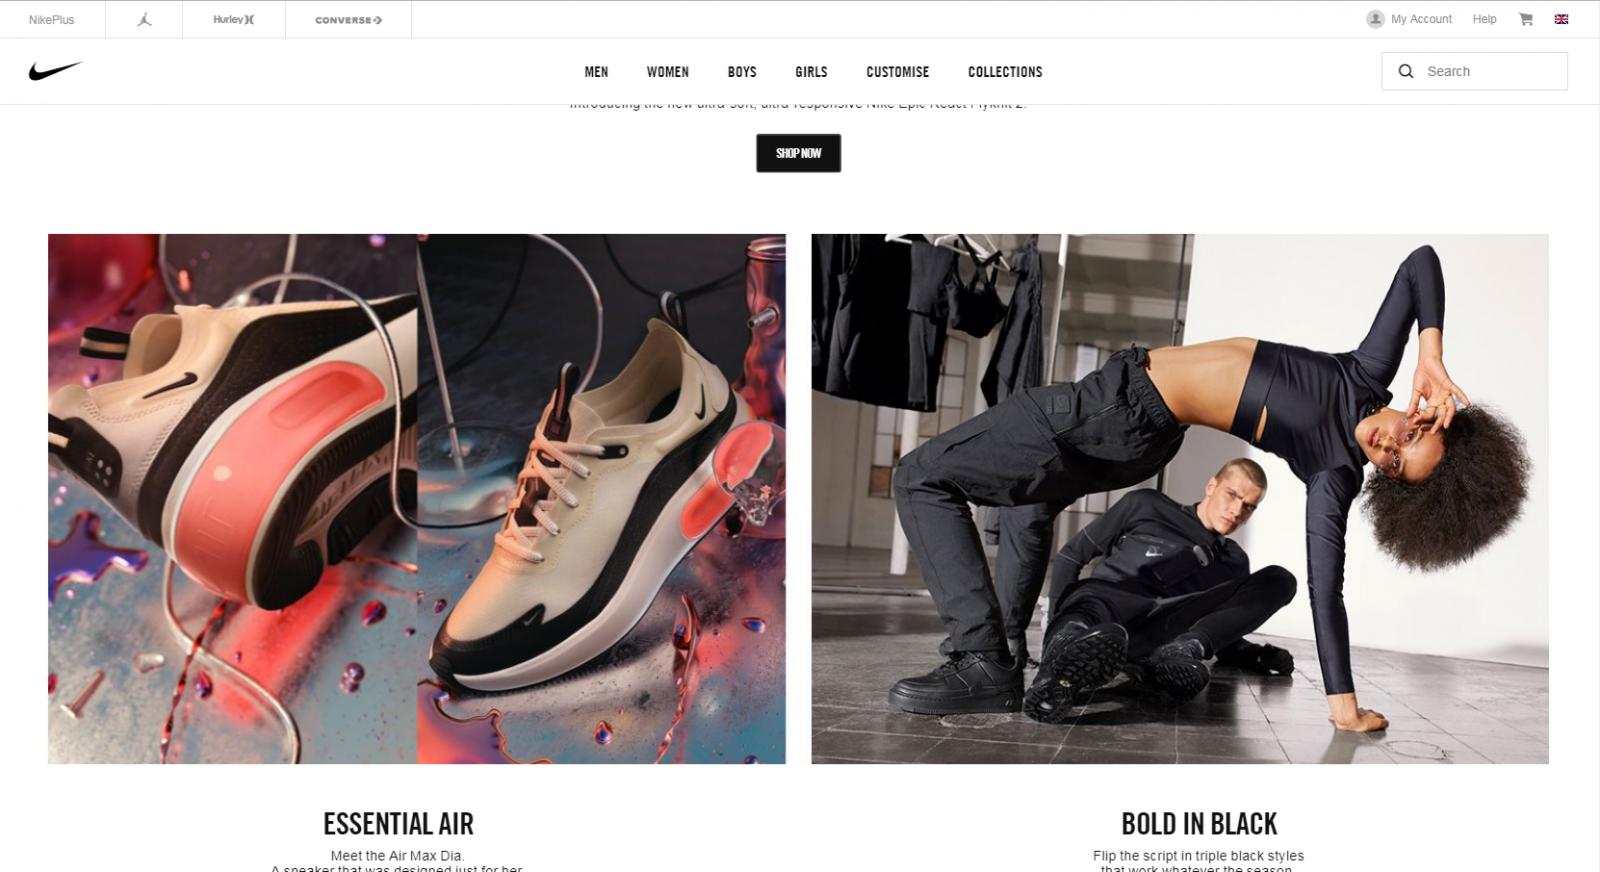 d92c55cb Купить Nike в Англии с доставкой в Россию, Украину Казахстан и СНГ.